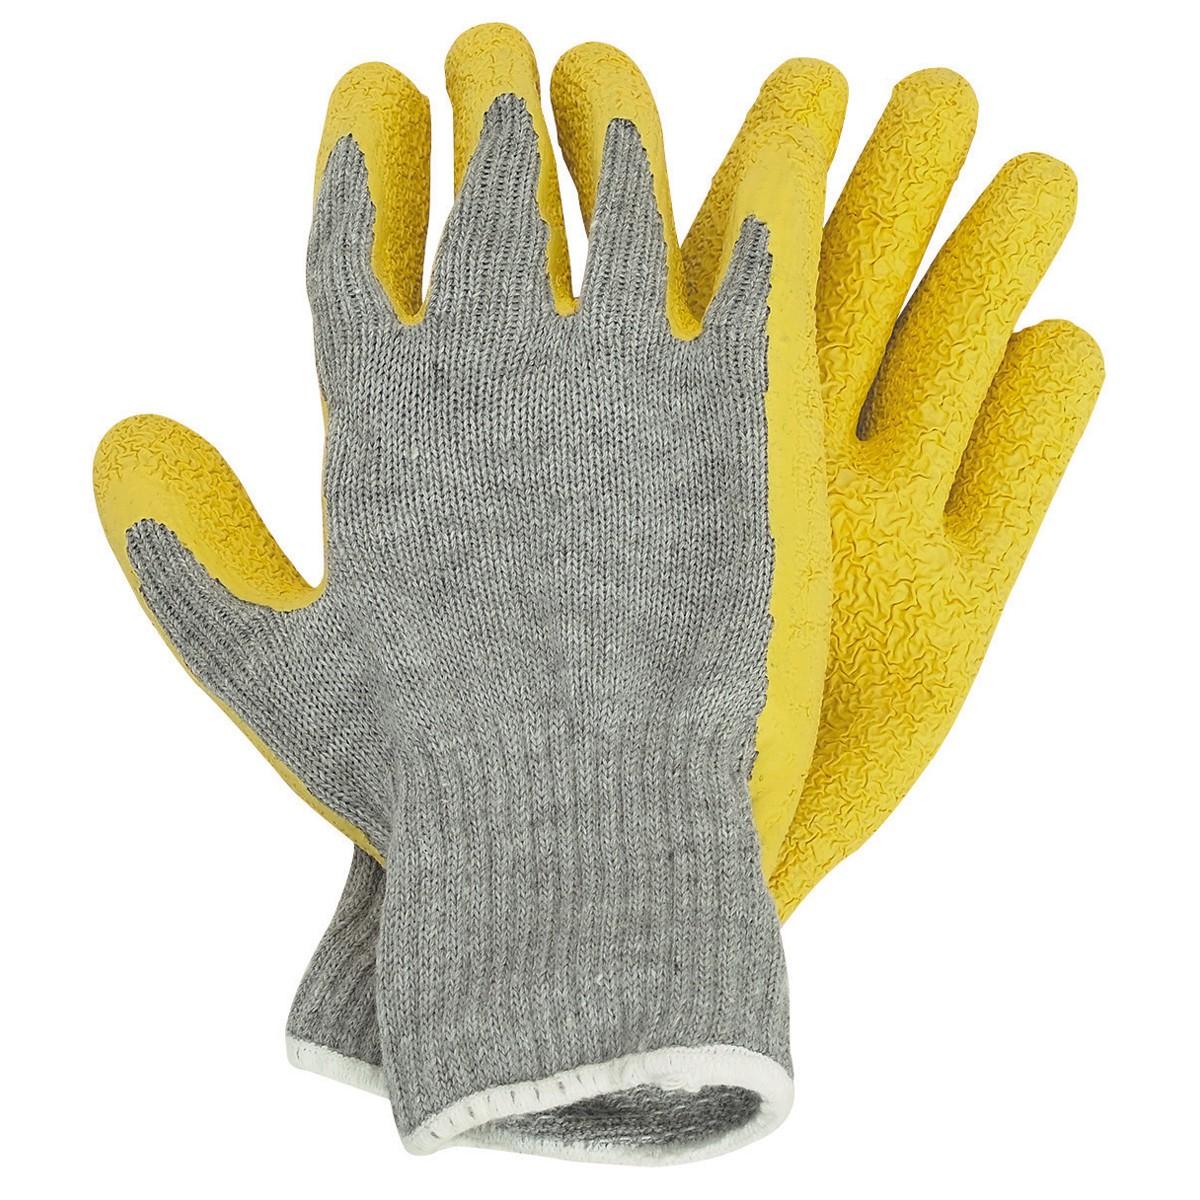 Glove clipart work glove Blue Best Gloves – Photos